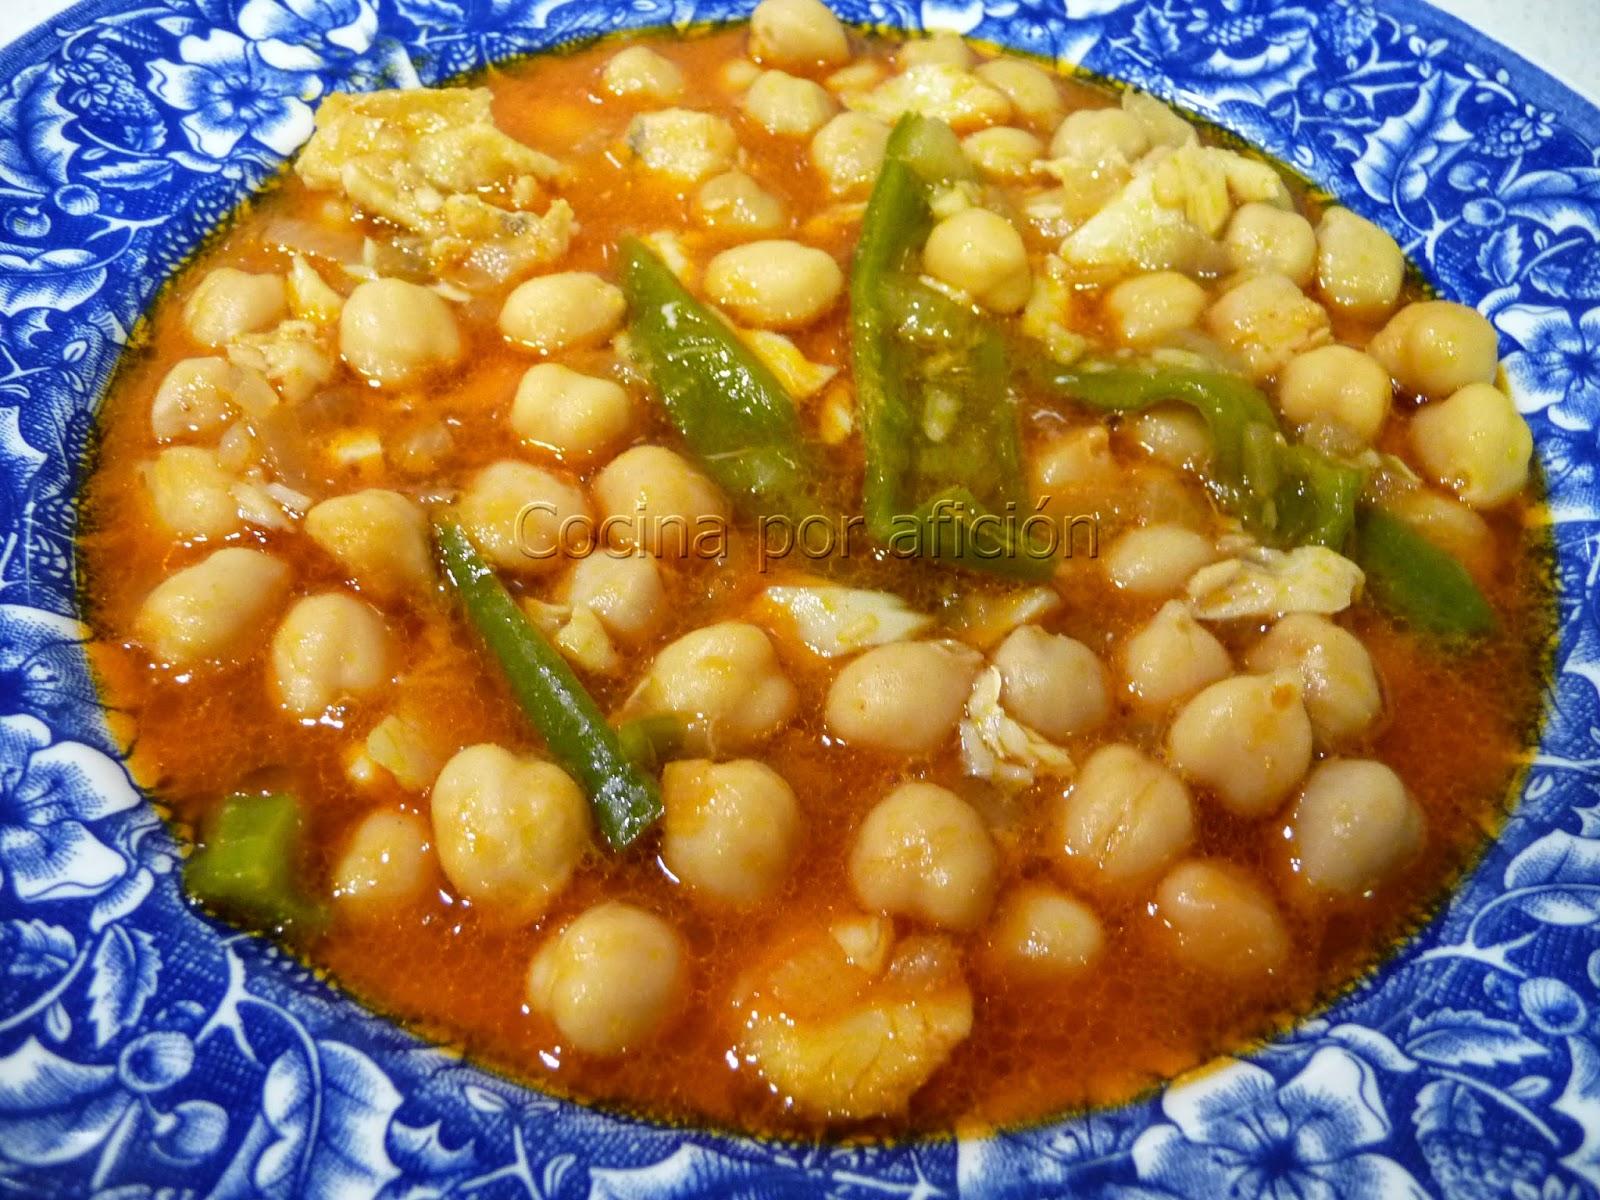 http://cocinaporaficion.blogspot.com.es/2013/03/garbanzos-del-convento.html